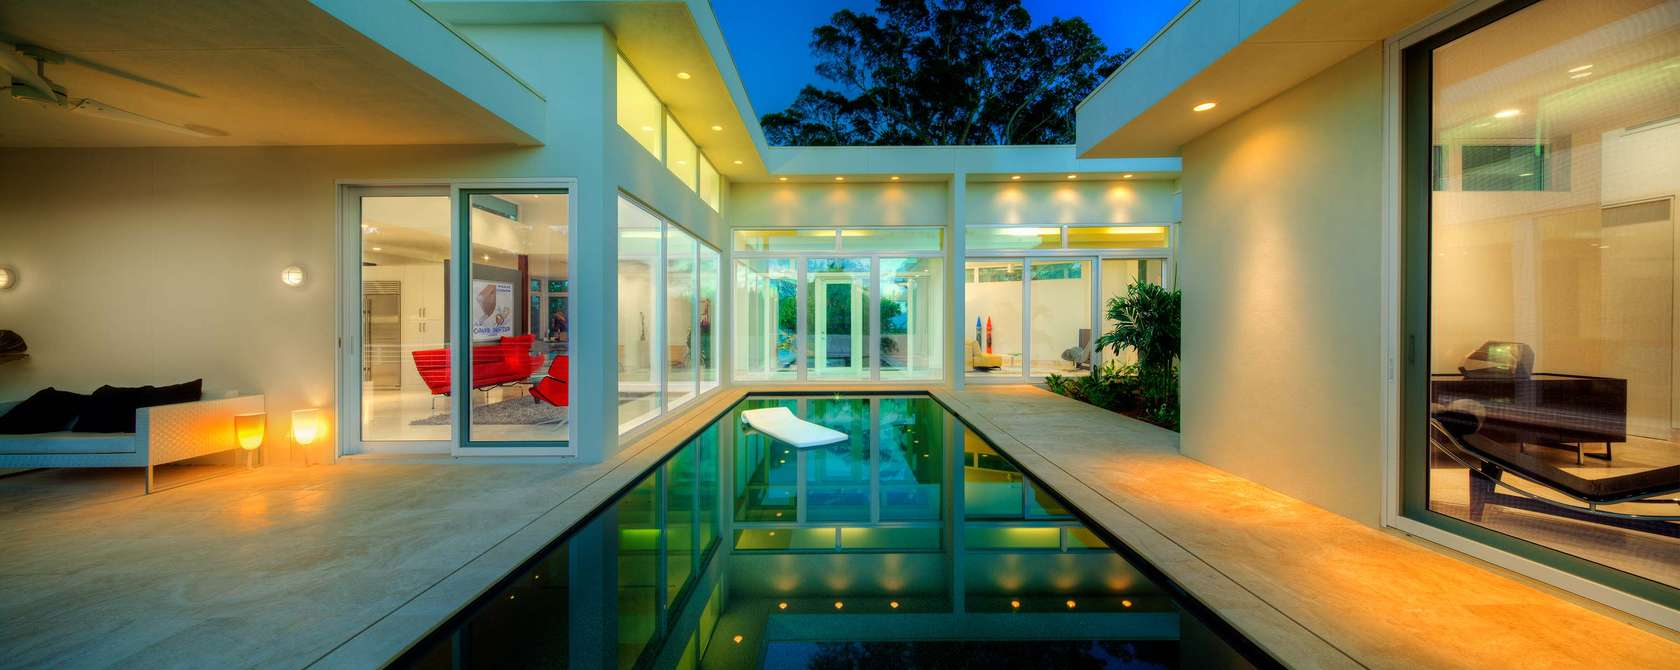 Lido Shores Residence 01.jpg